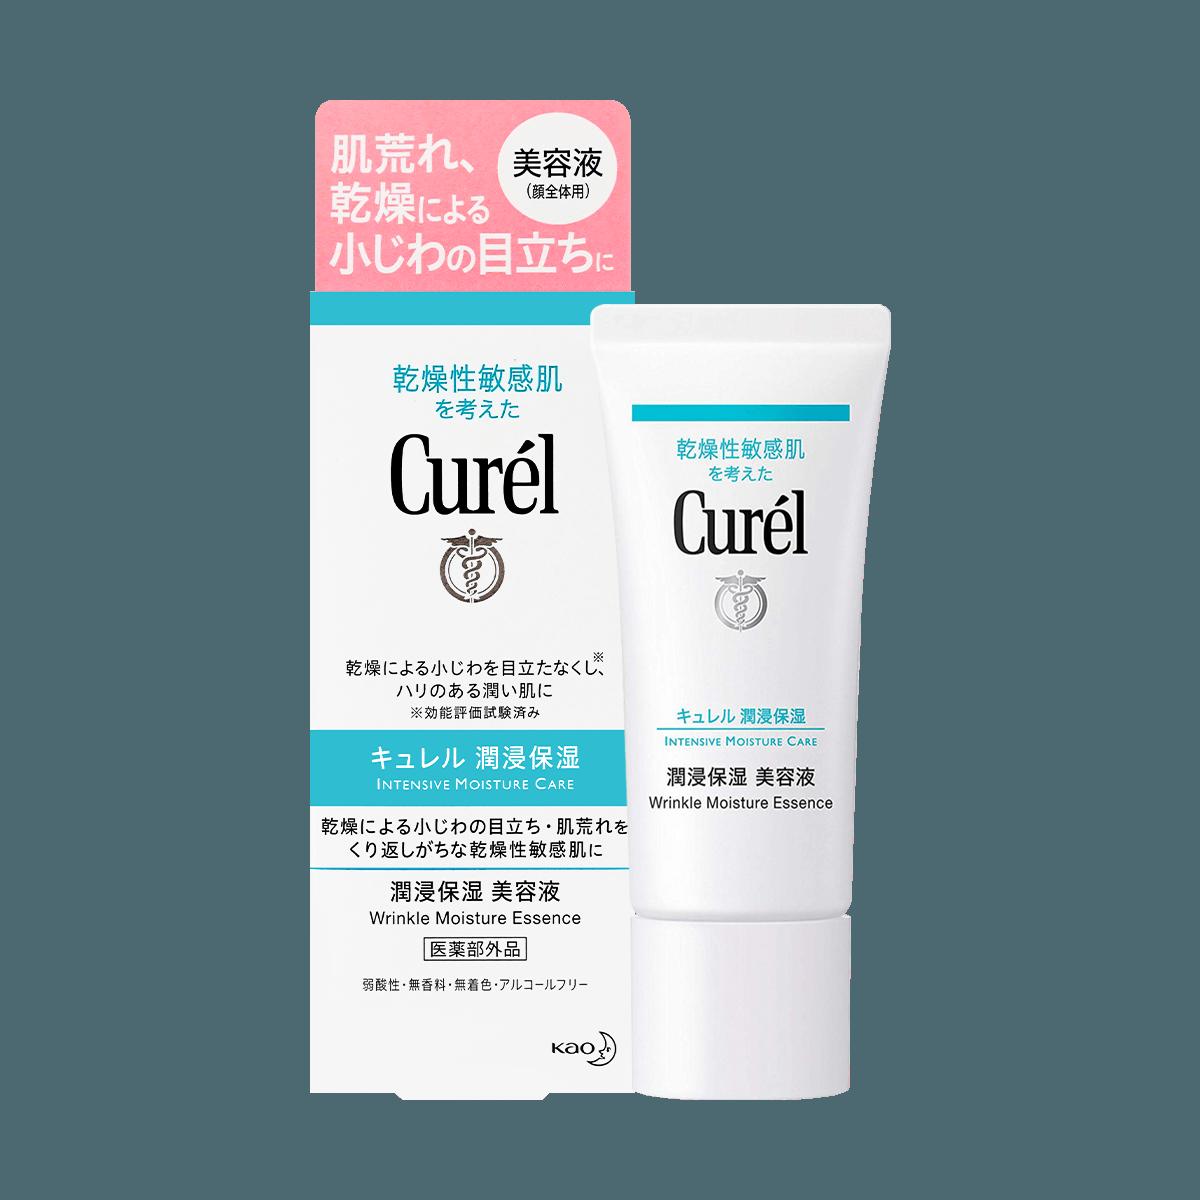 日本KAO花王 CUREL珂润 润浸保湿系列美容液保湿精华 敏感肌用 40g 怎么样 - 亚米网